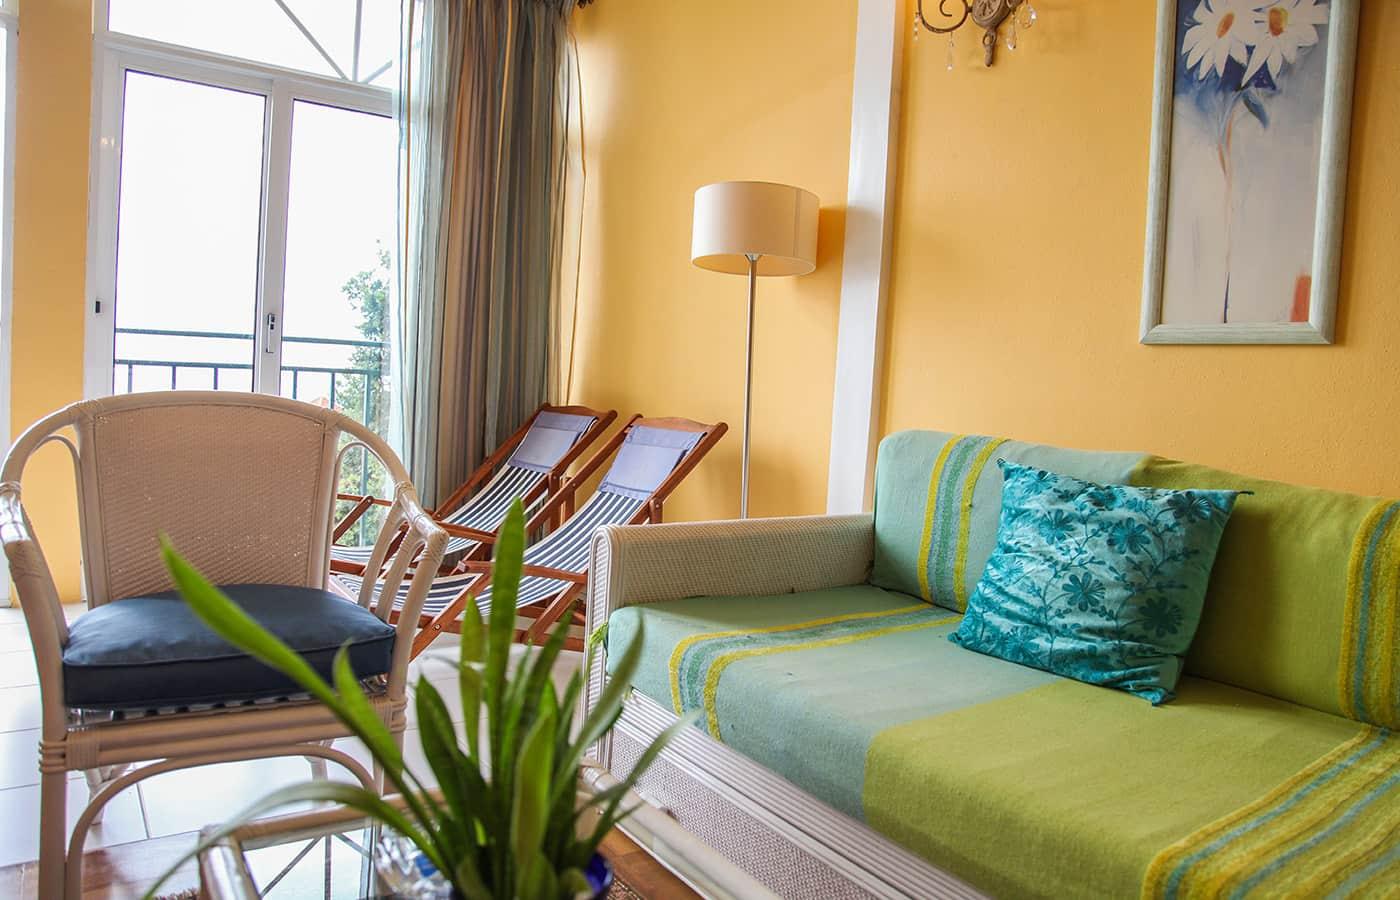 Full Size of Couch Gruen Sessel Liegestuhl Wohnzimmer Apartment Madeira Fototapete Lampen Laminat Für Küche Fototapeten Sprüche Die Vorhänge Landhausstil Wickelbrett Wohnzimmer Liegestuhl Für Wohnzimmer